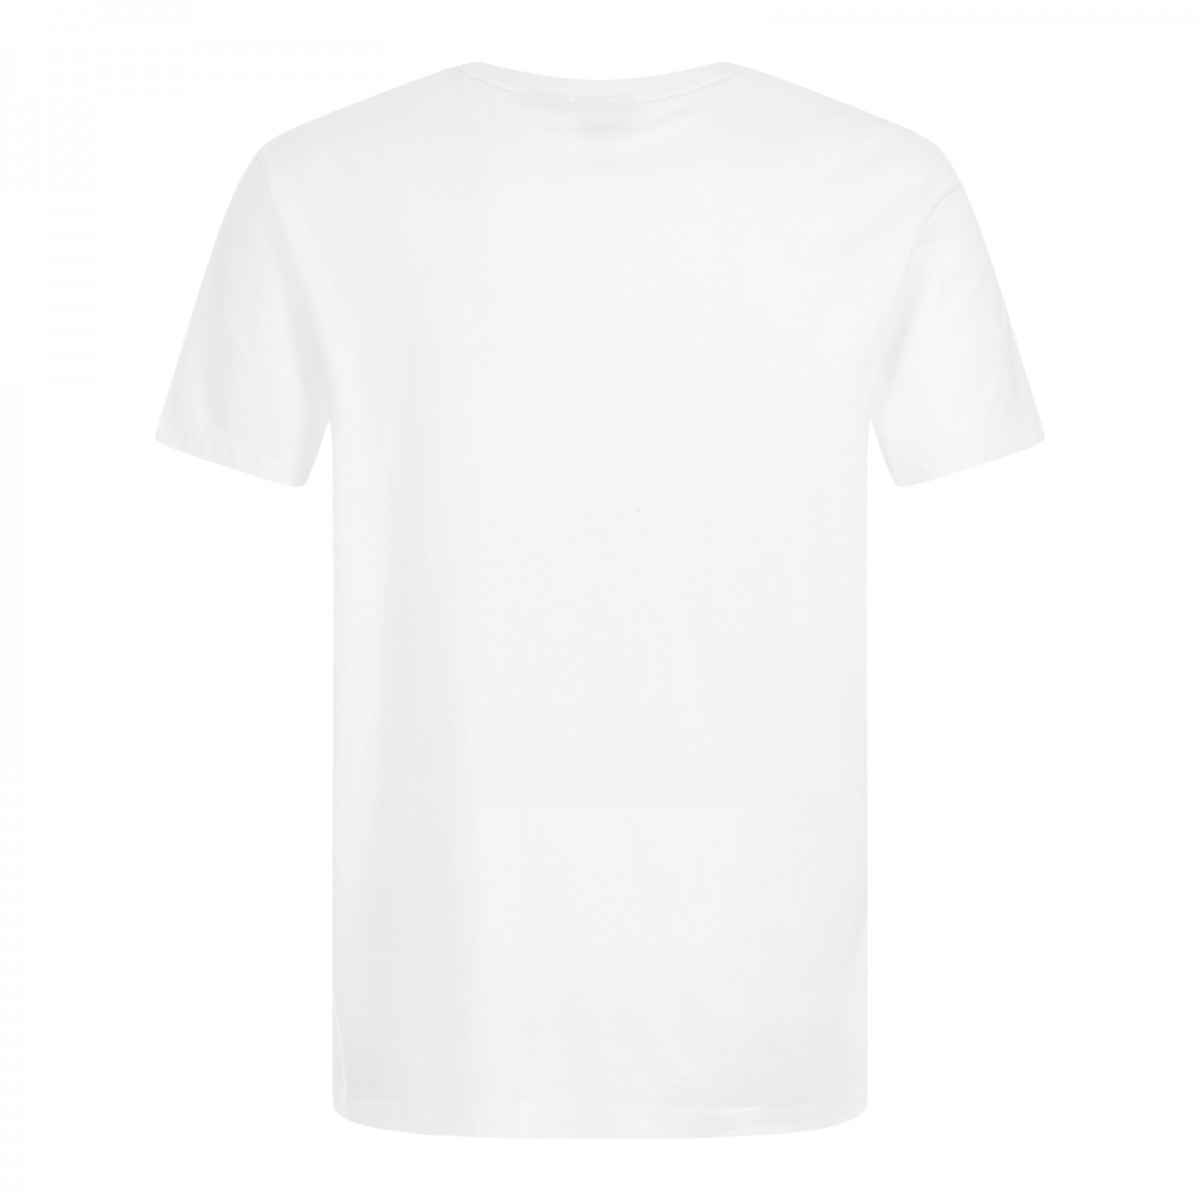 Koszulka MERC LONDON ROWAN biała